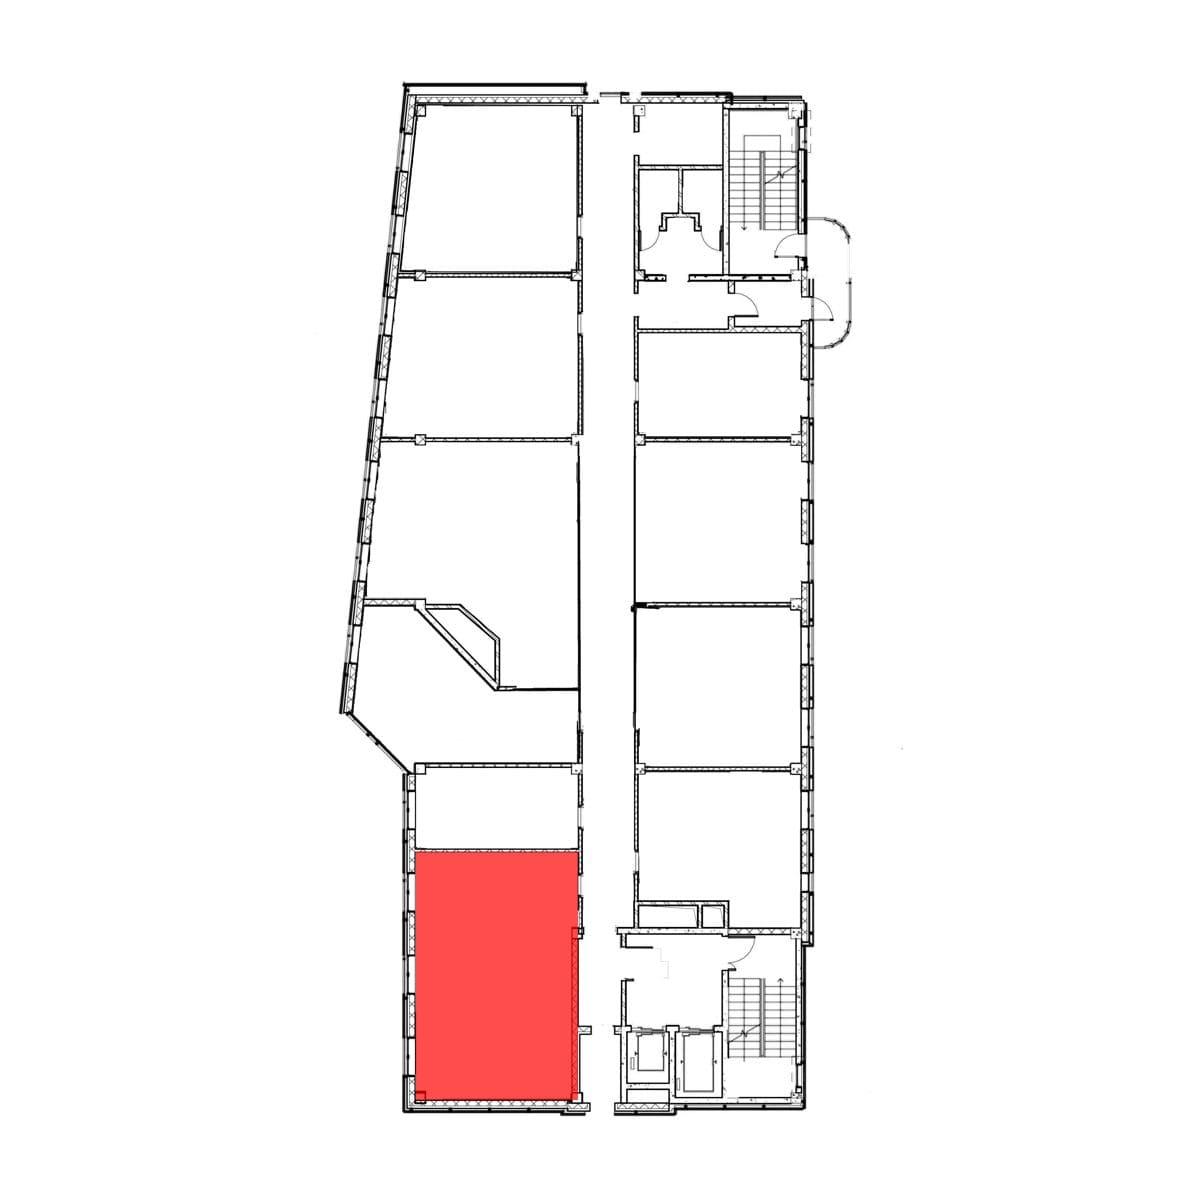 аренда помещения 7 этаж 55 м2